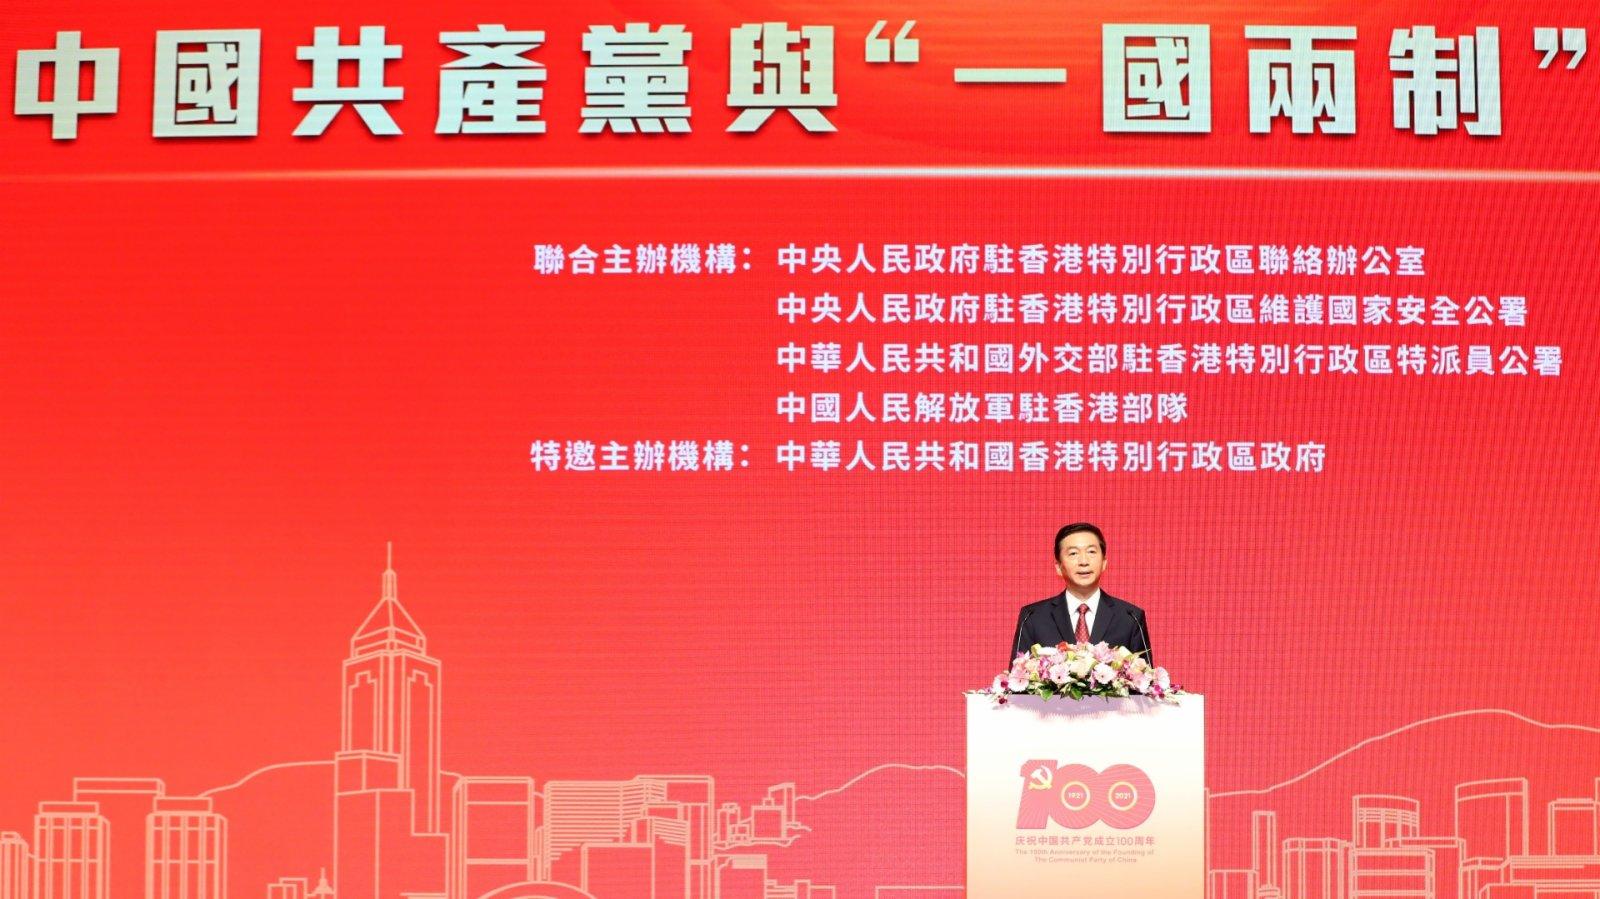 駱惠寧「三個必須」揭示香港發展正確方向